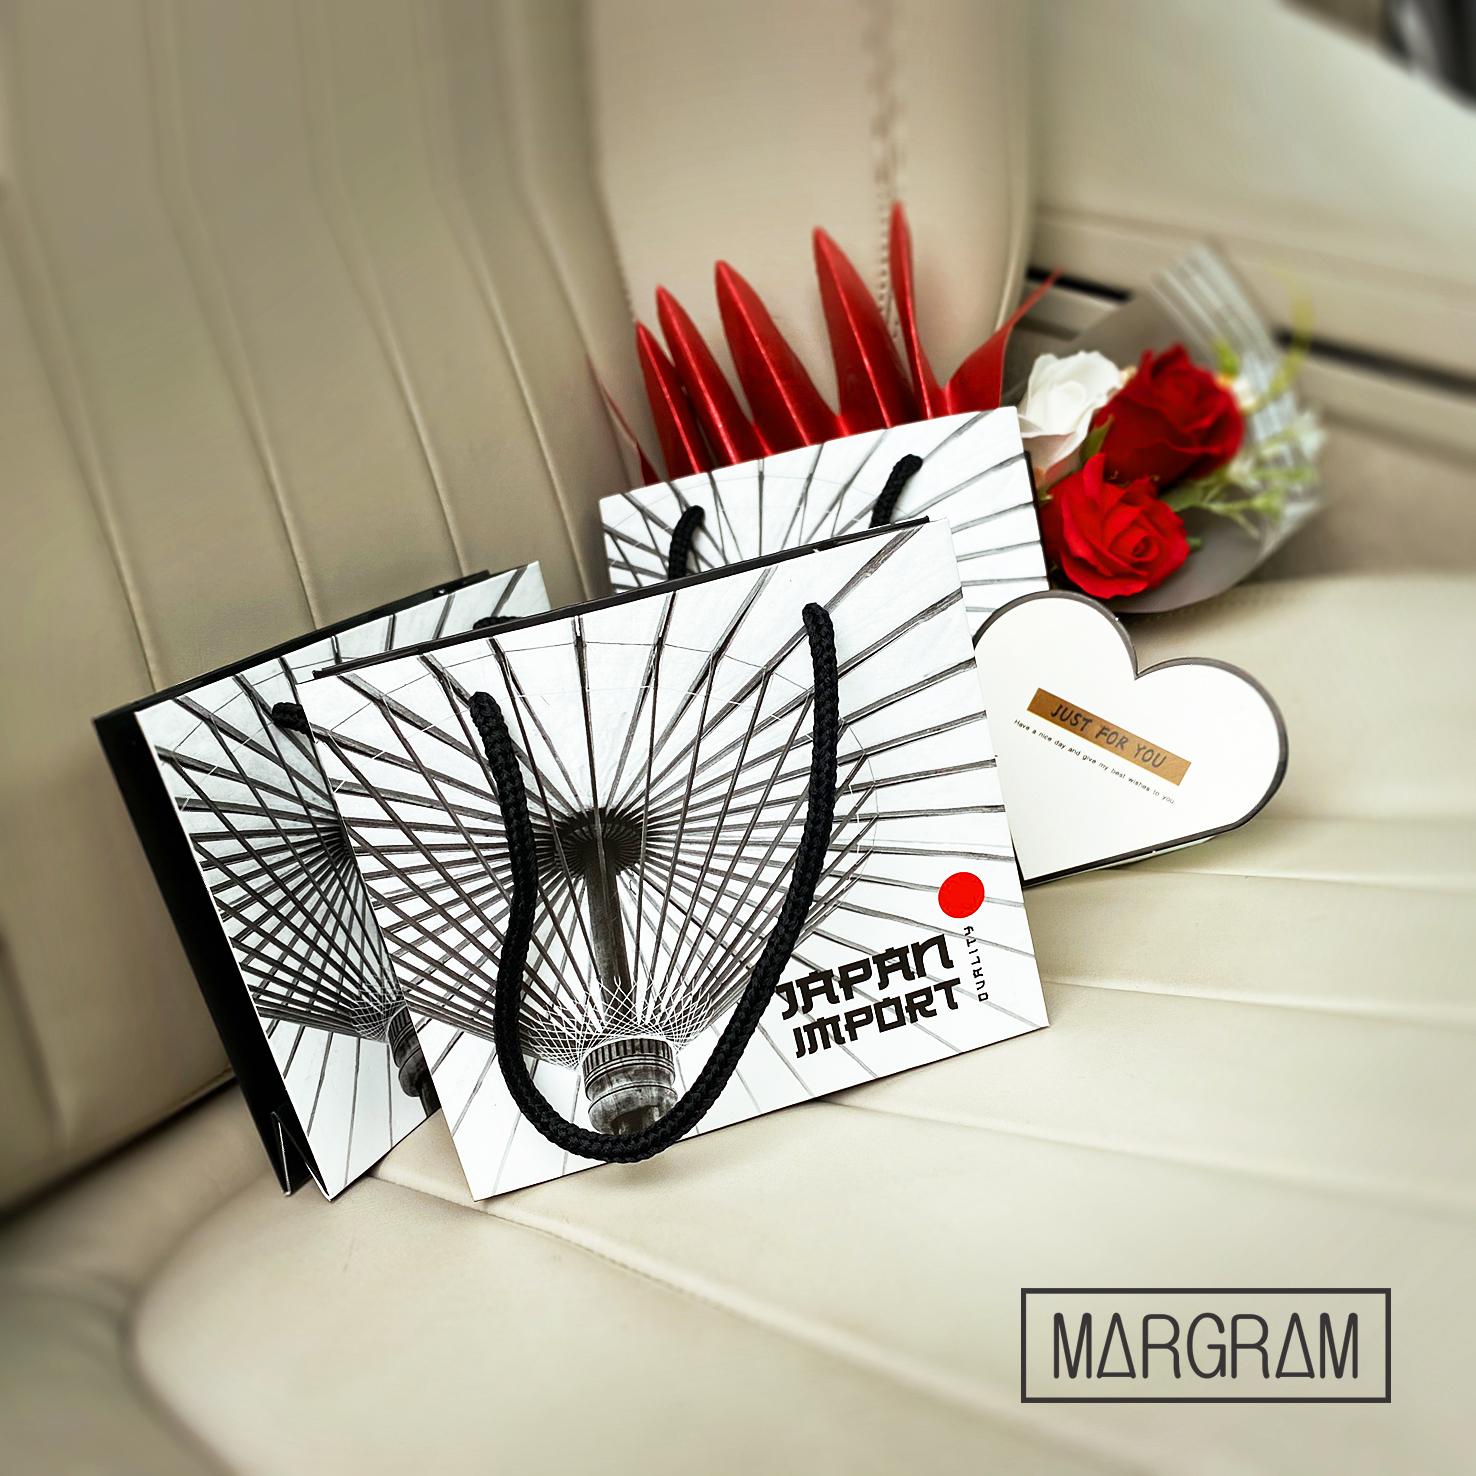 tui-valentine-margram-09